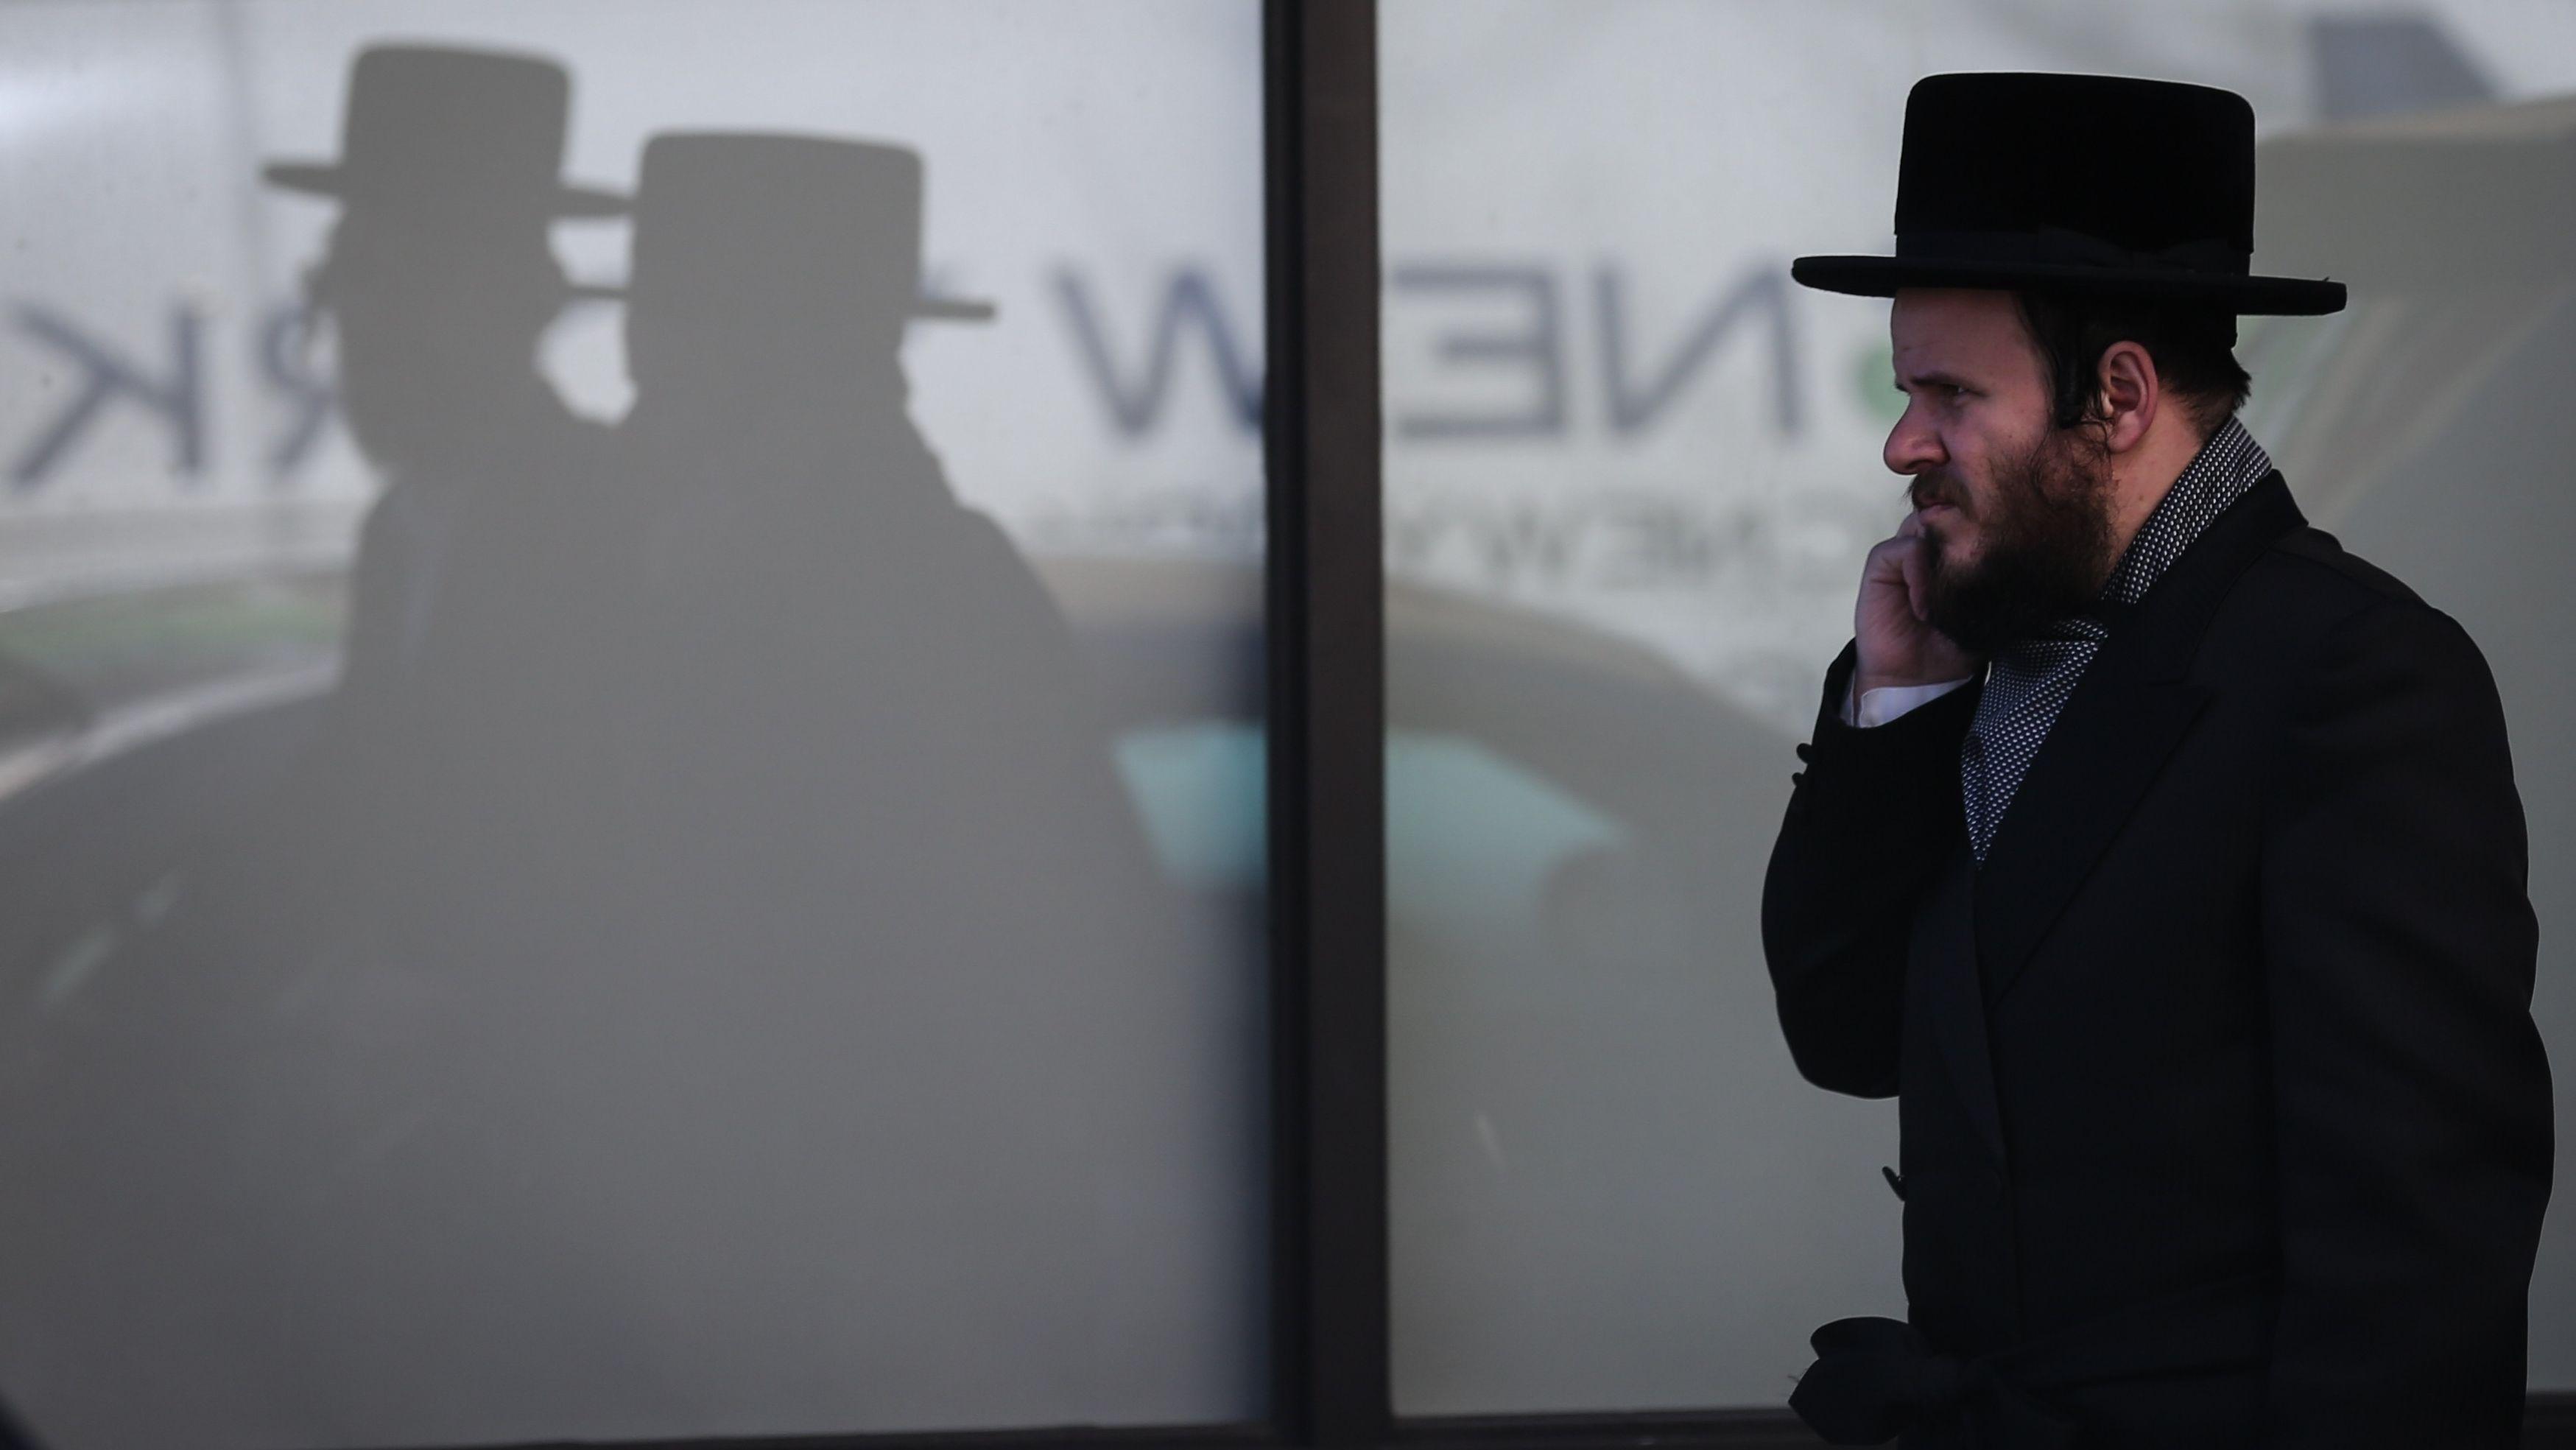 Antisemitismus in New York: Zahl der Angriffe auf Juden steigt